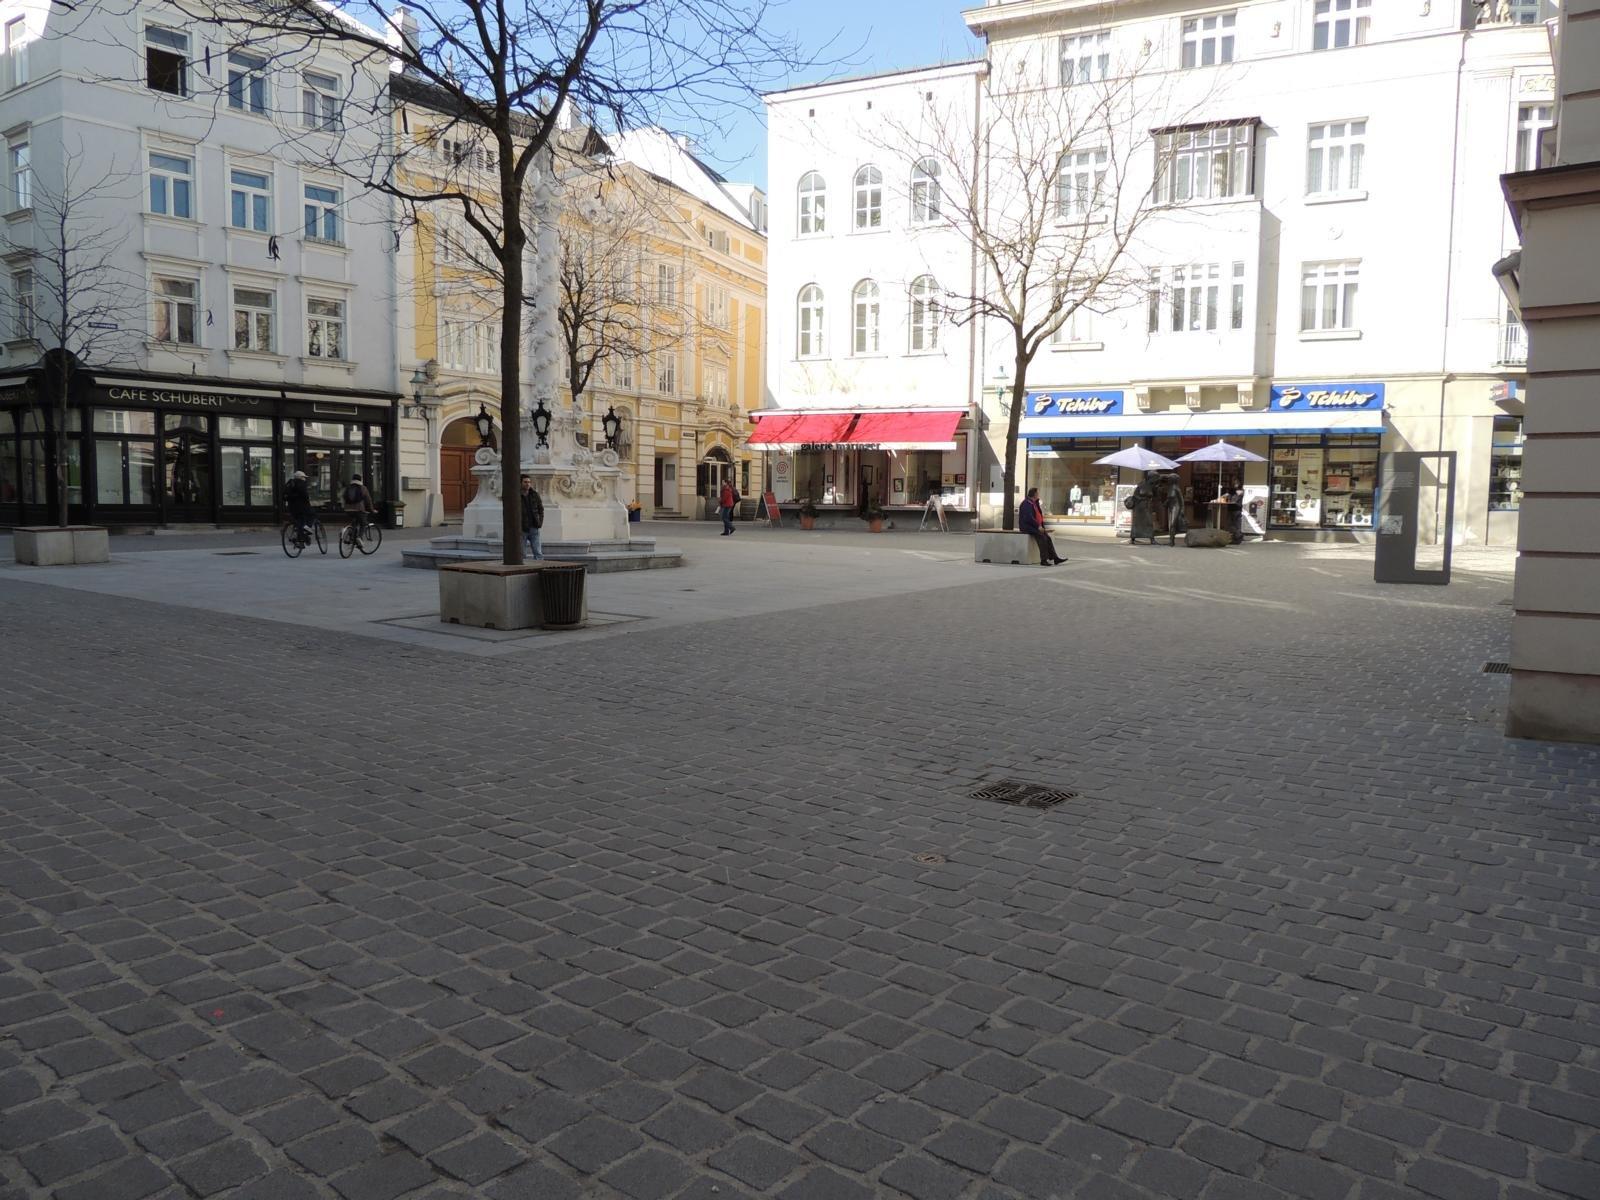 St. Pölten - Herrenplatz5